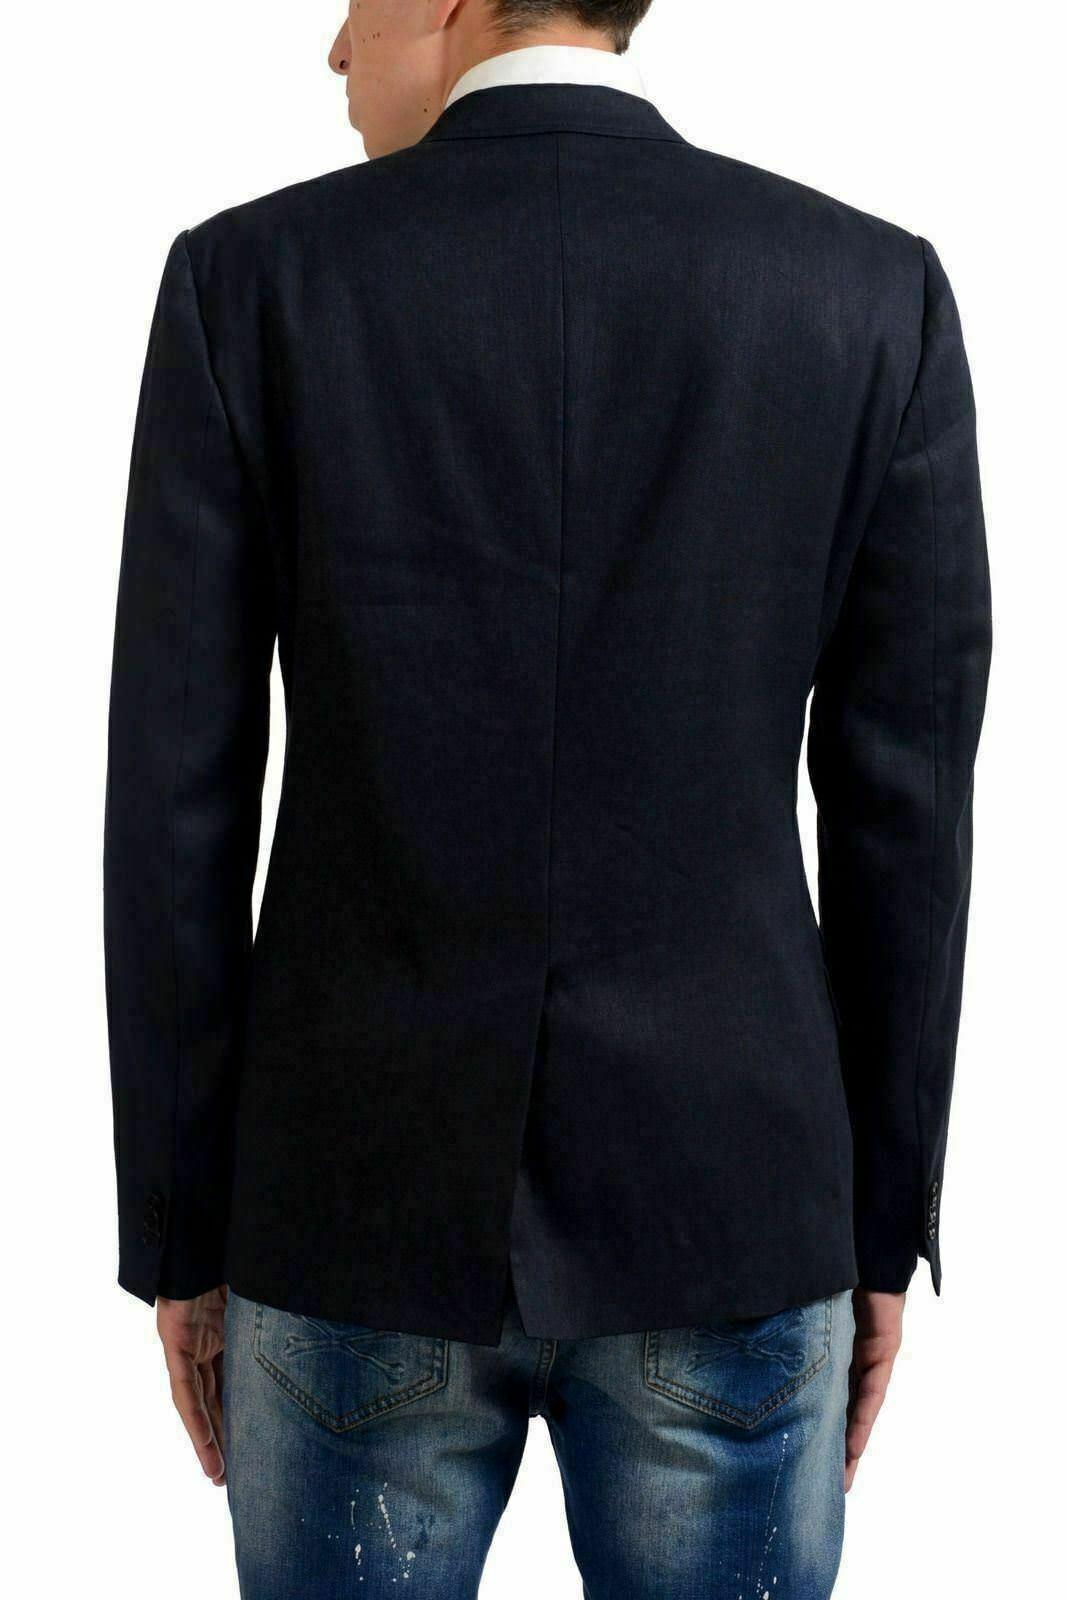 Maison Maison Maison Margiela 14 Herren Leinen Wolle Marineblau Zwei Knöpfe Blazer Us 38 I 48   | Zuverlässige Qualität  | Ausgezeichneter Wert  | Neuartiges Design  d19210